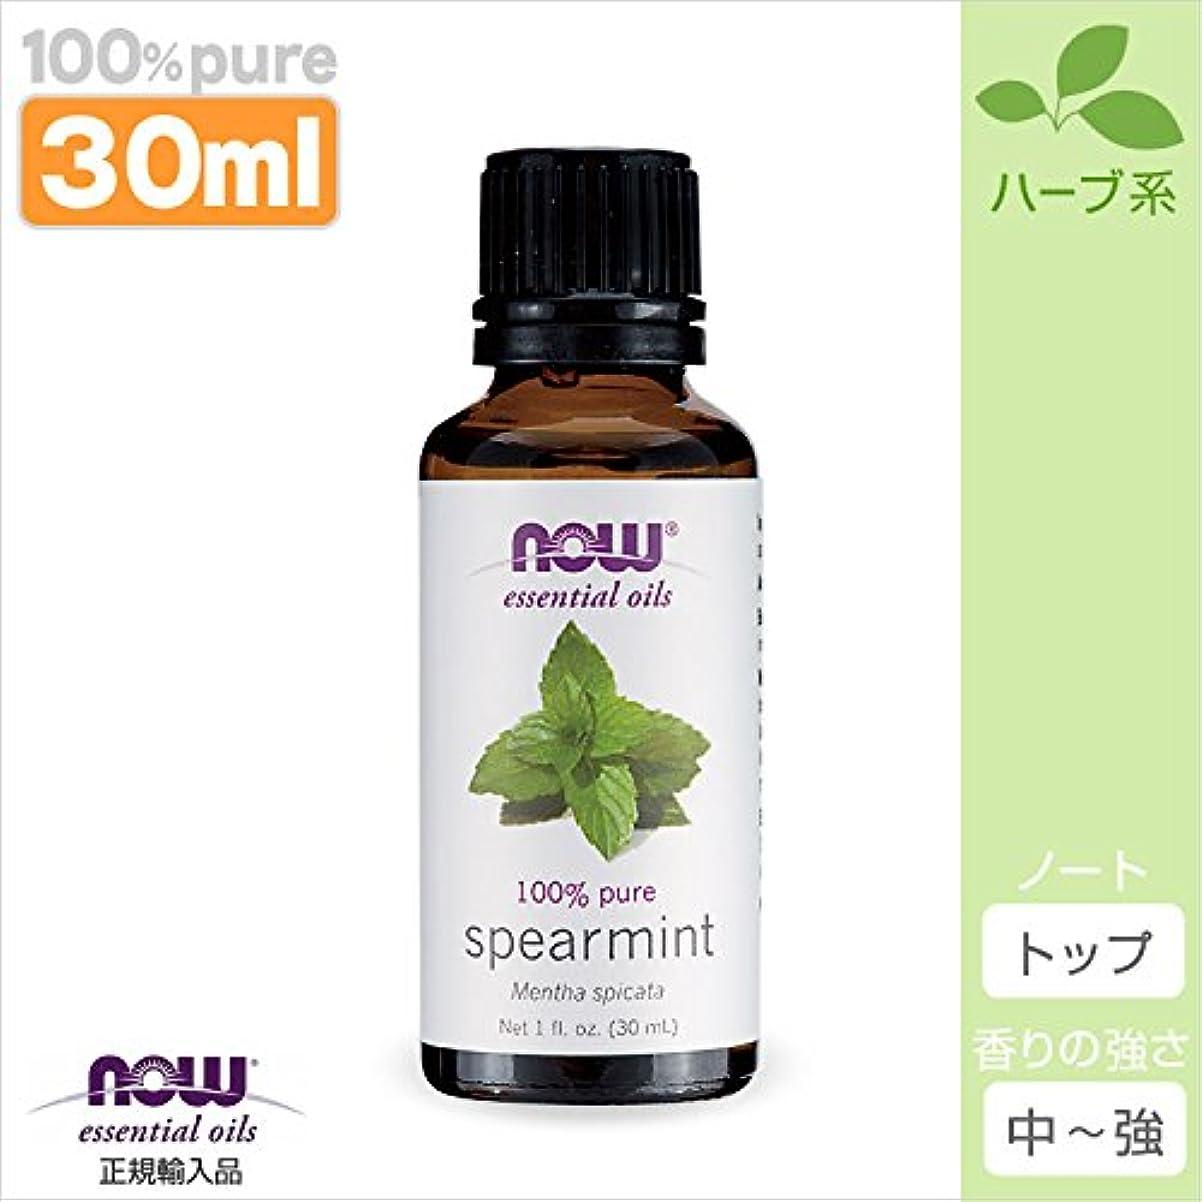 逆主考えるスペアミント 精油[30ml] 【正規輸入品】 NOWエッセンシャルオイル(アロマオイル)